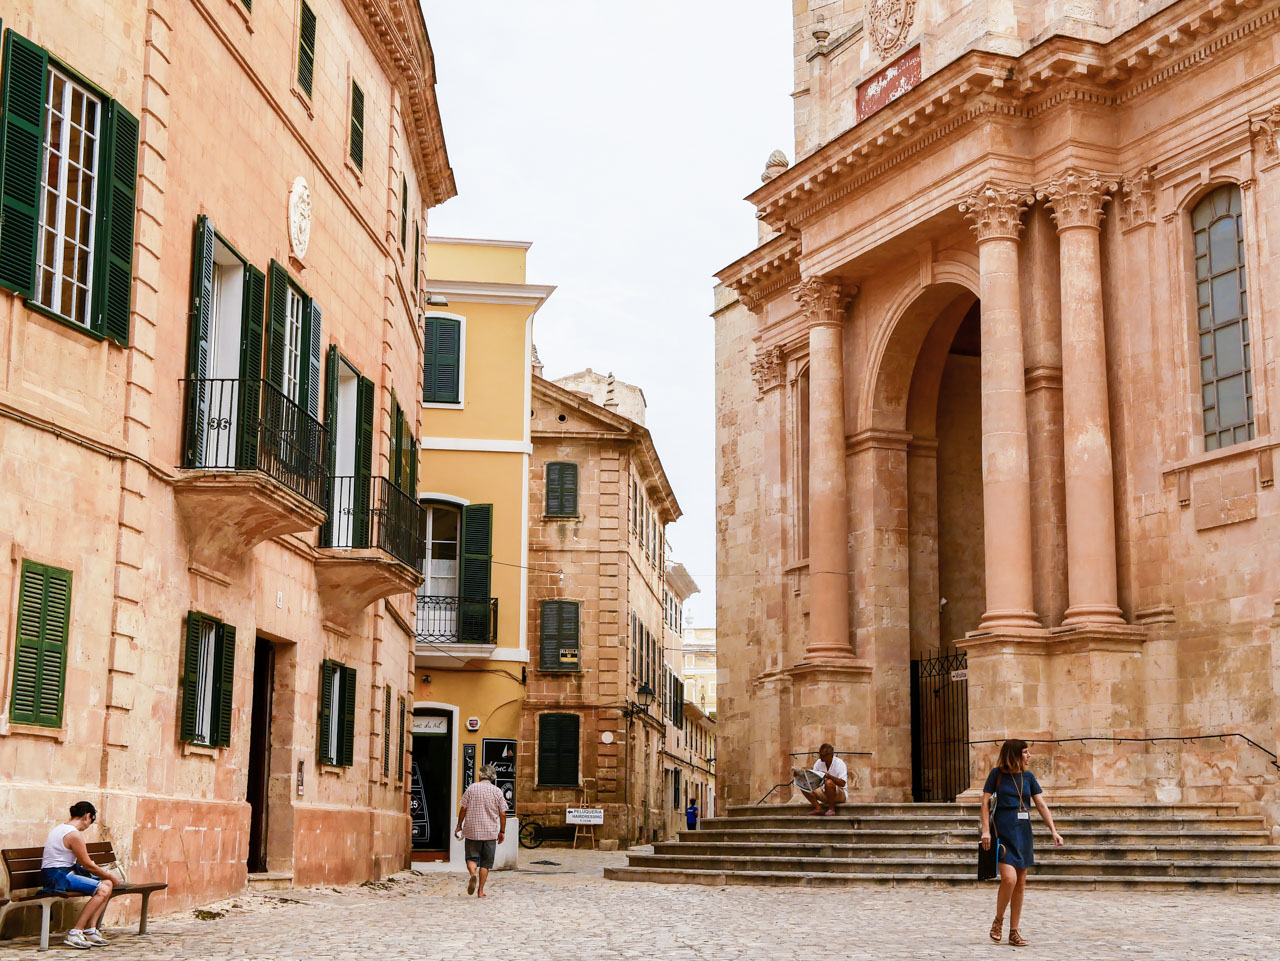 Ciutadella : incontournable d'un séjour à Minorque